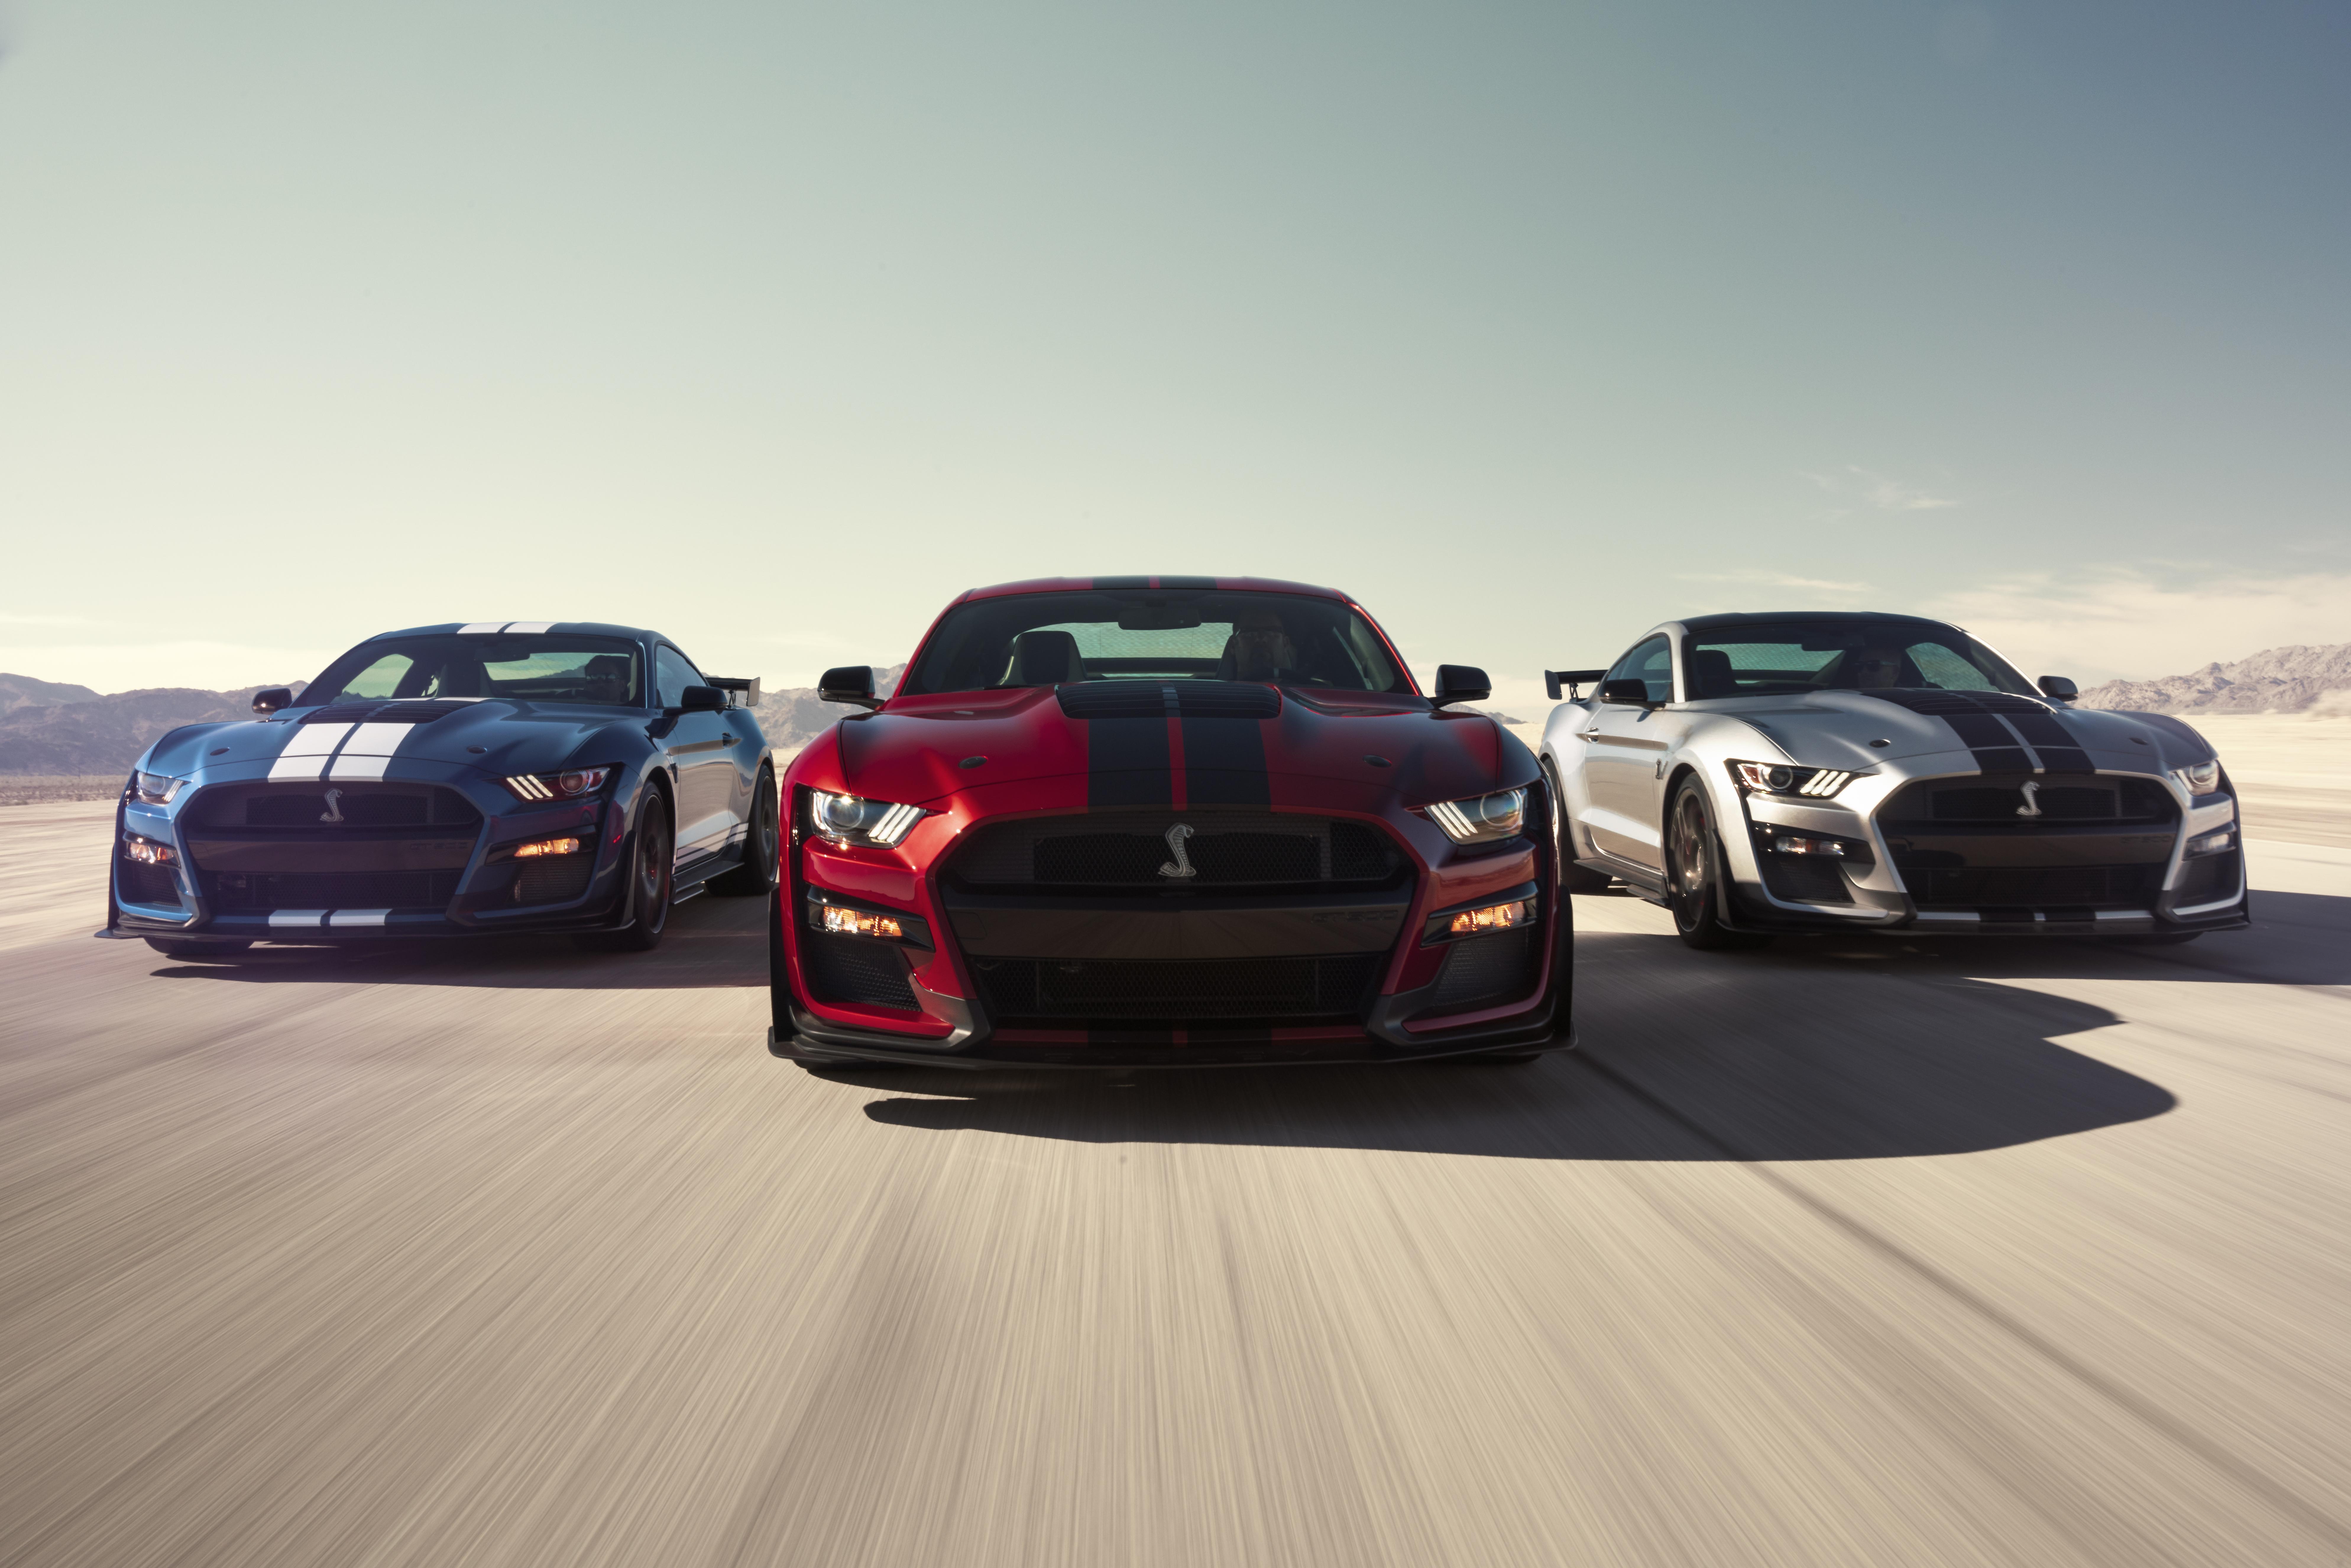 Der-neue-Mustang-Shelby-GT500-Das-st-rkste-Serienmodell-von-Ford